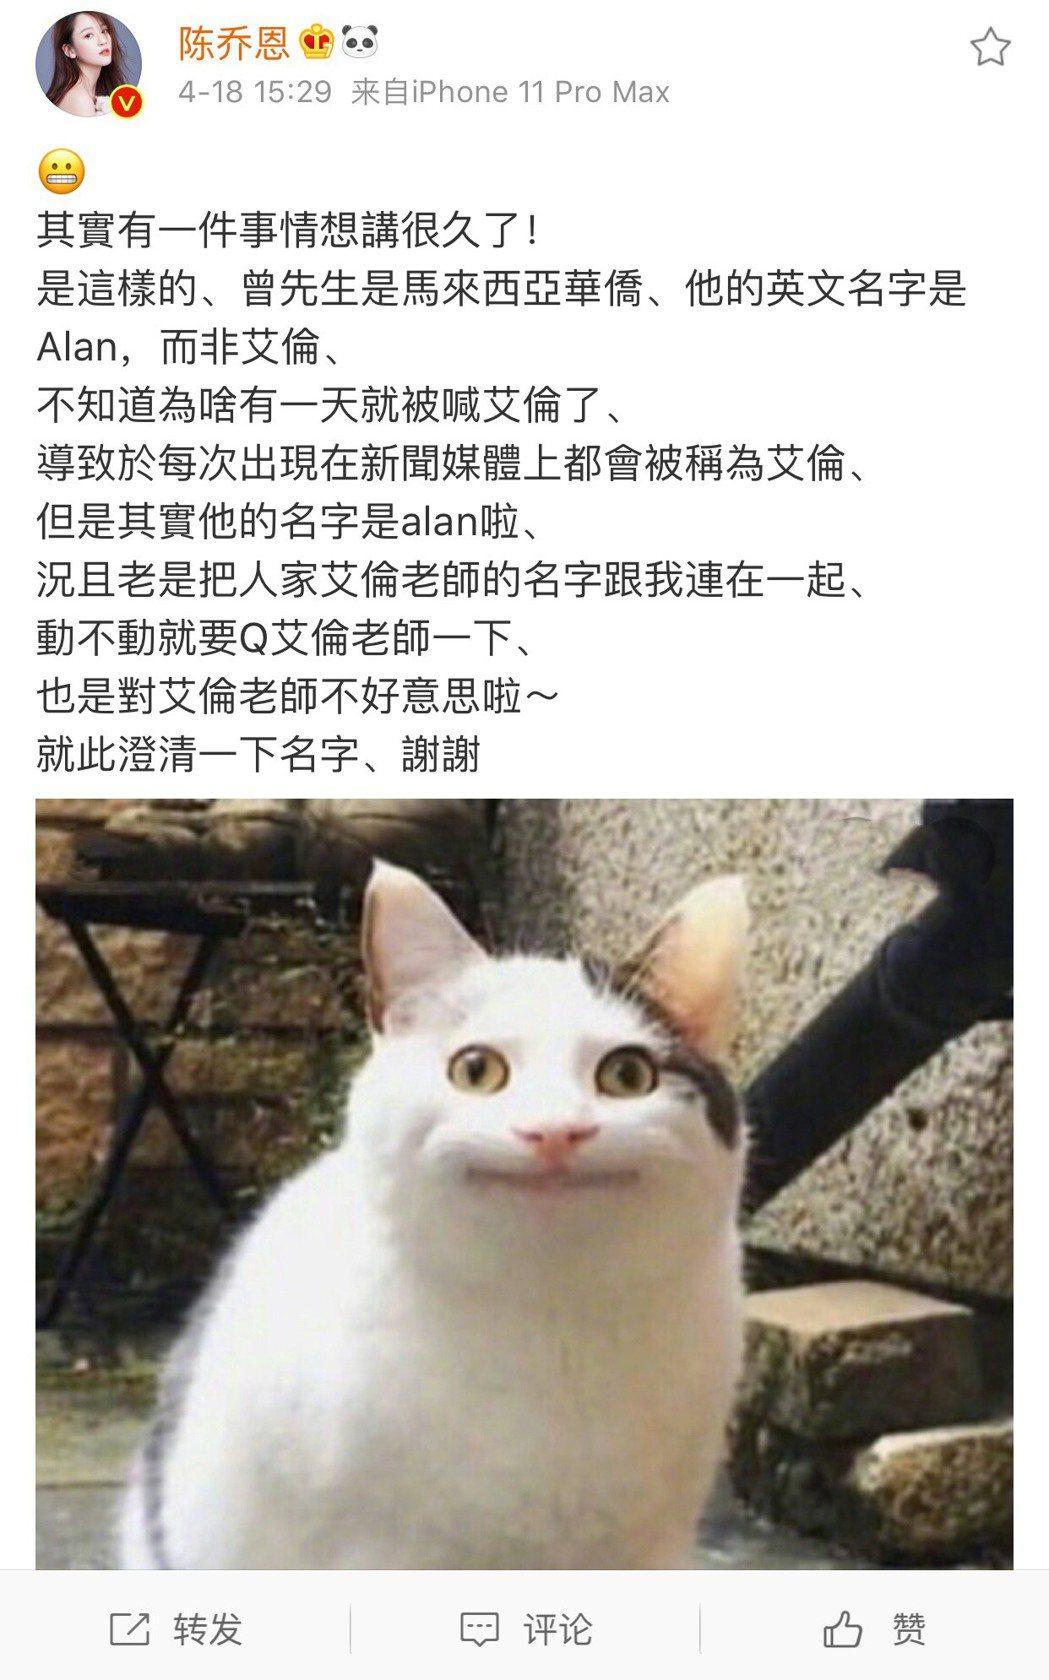 陳喬恩在微博發文為男友正名。圖/摘自微博